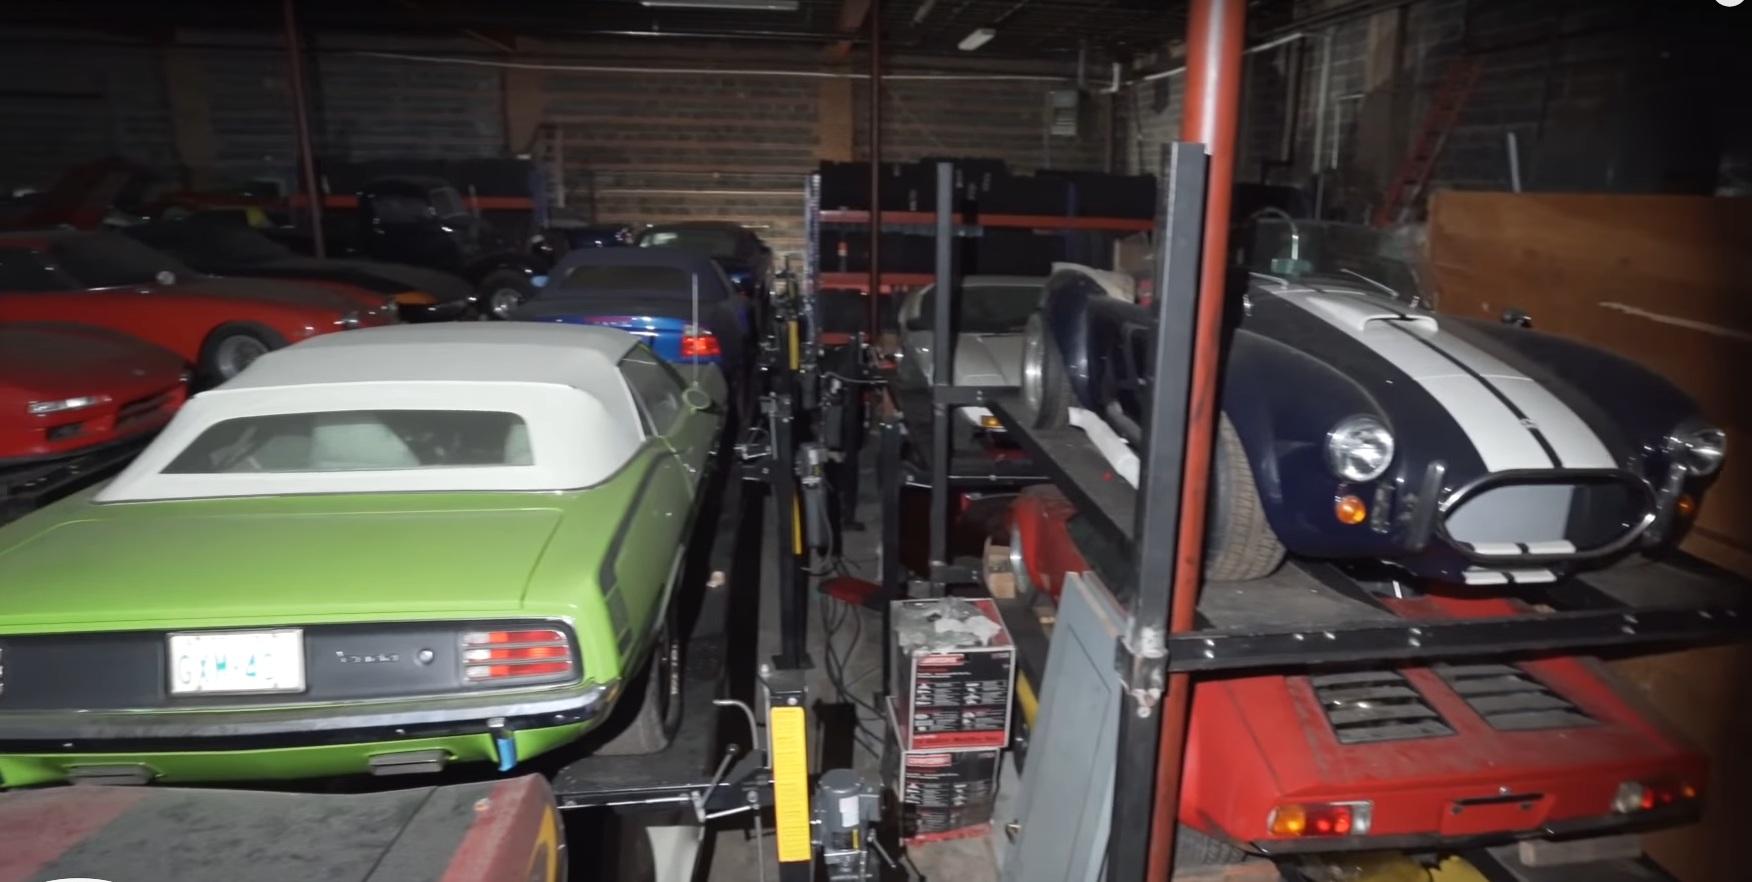 На заброшенном складе обнаружили три сотни редких суперкаров (видео)